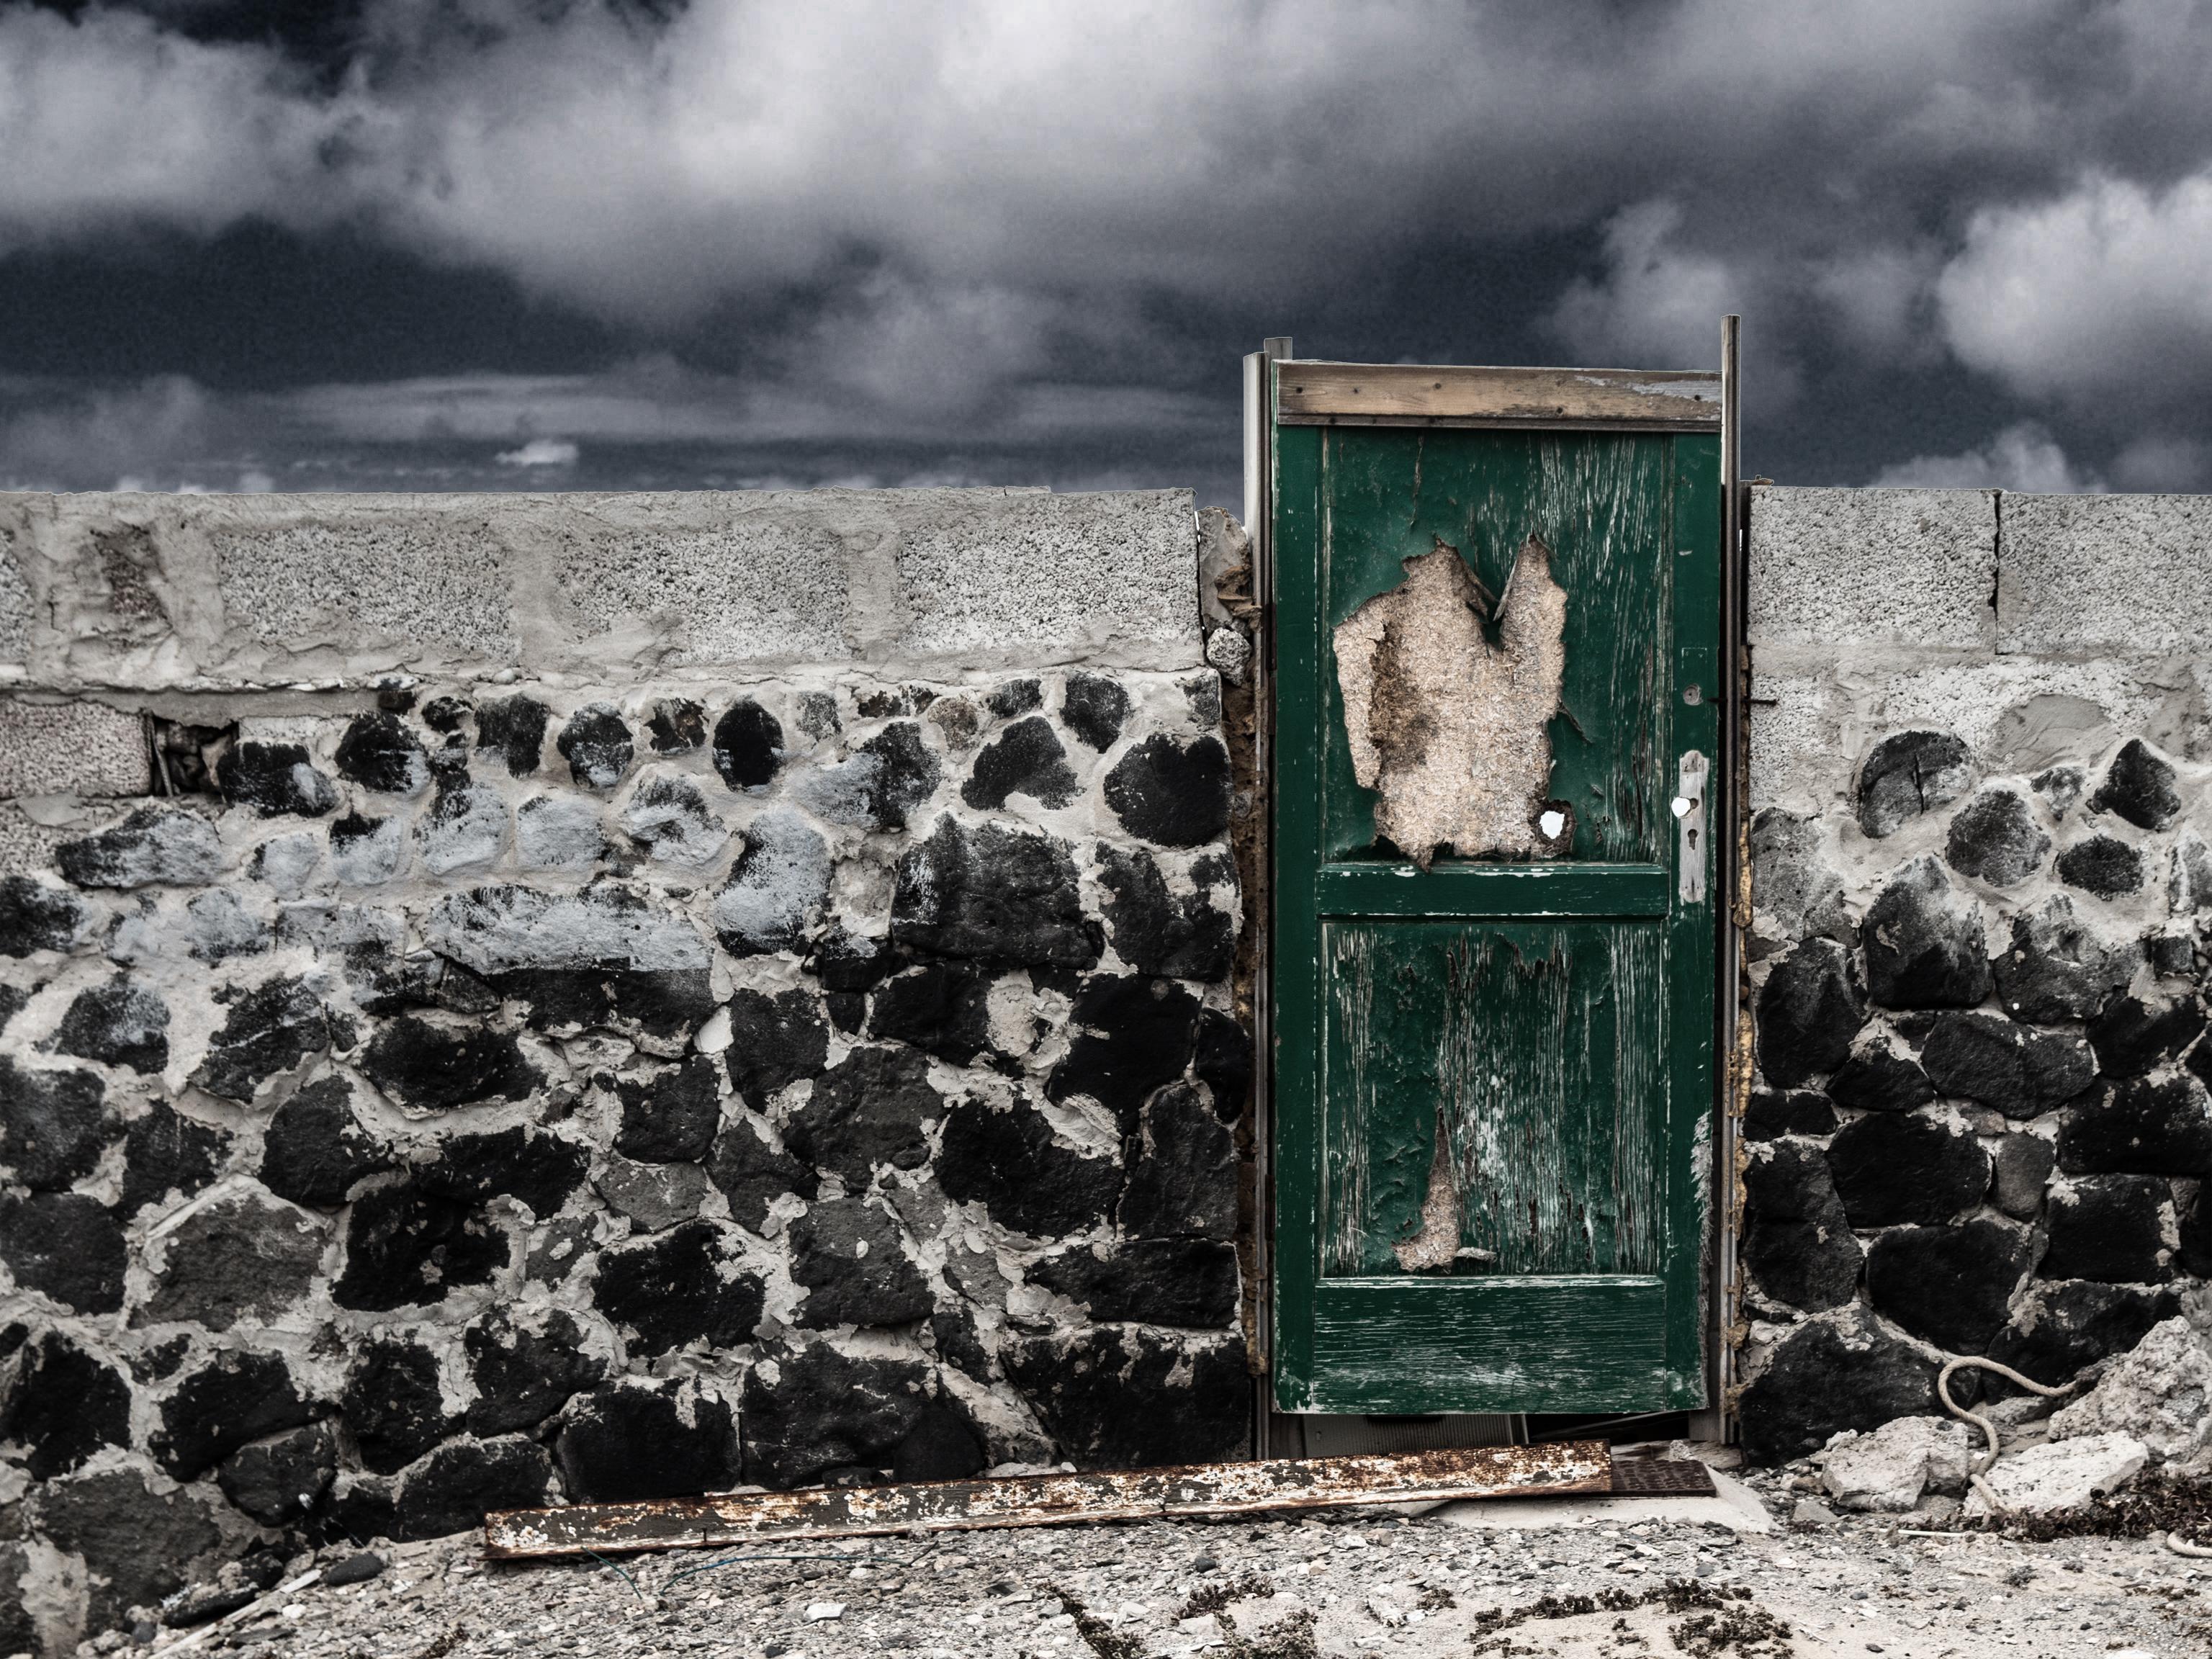 Too much knockings on Heavens door